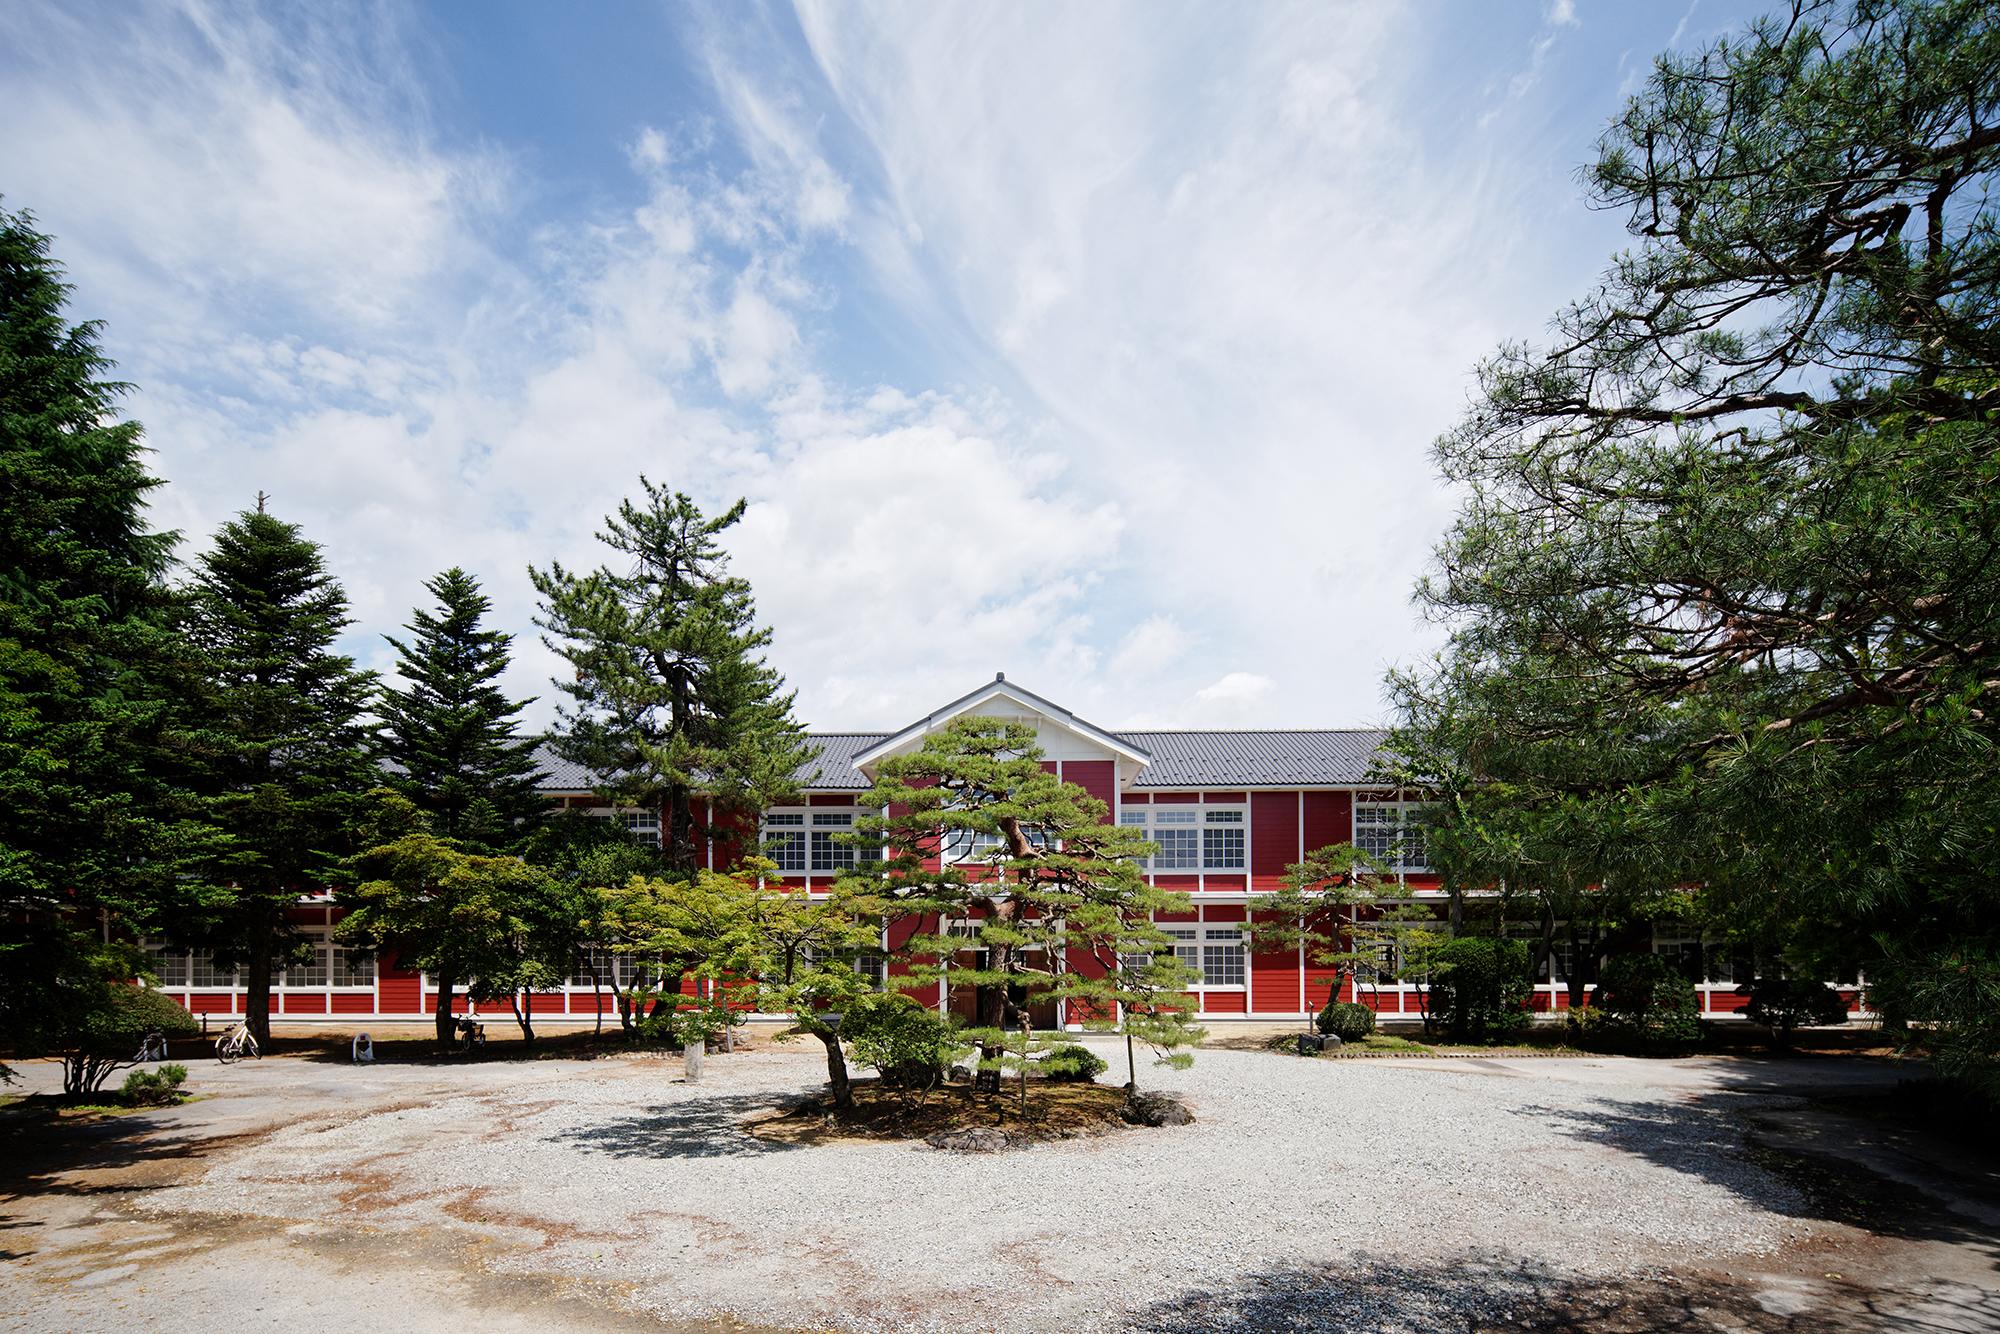 地域の人々の記憶を連綿と継承する木造校舎